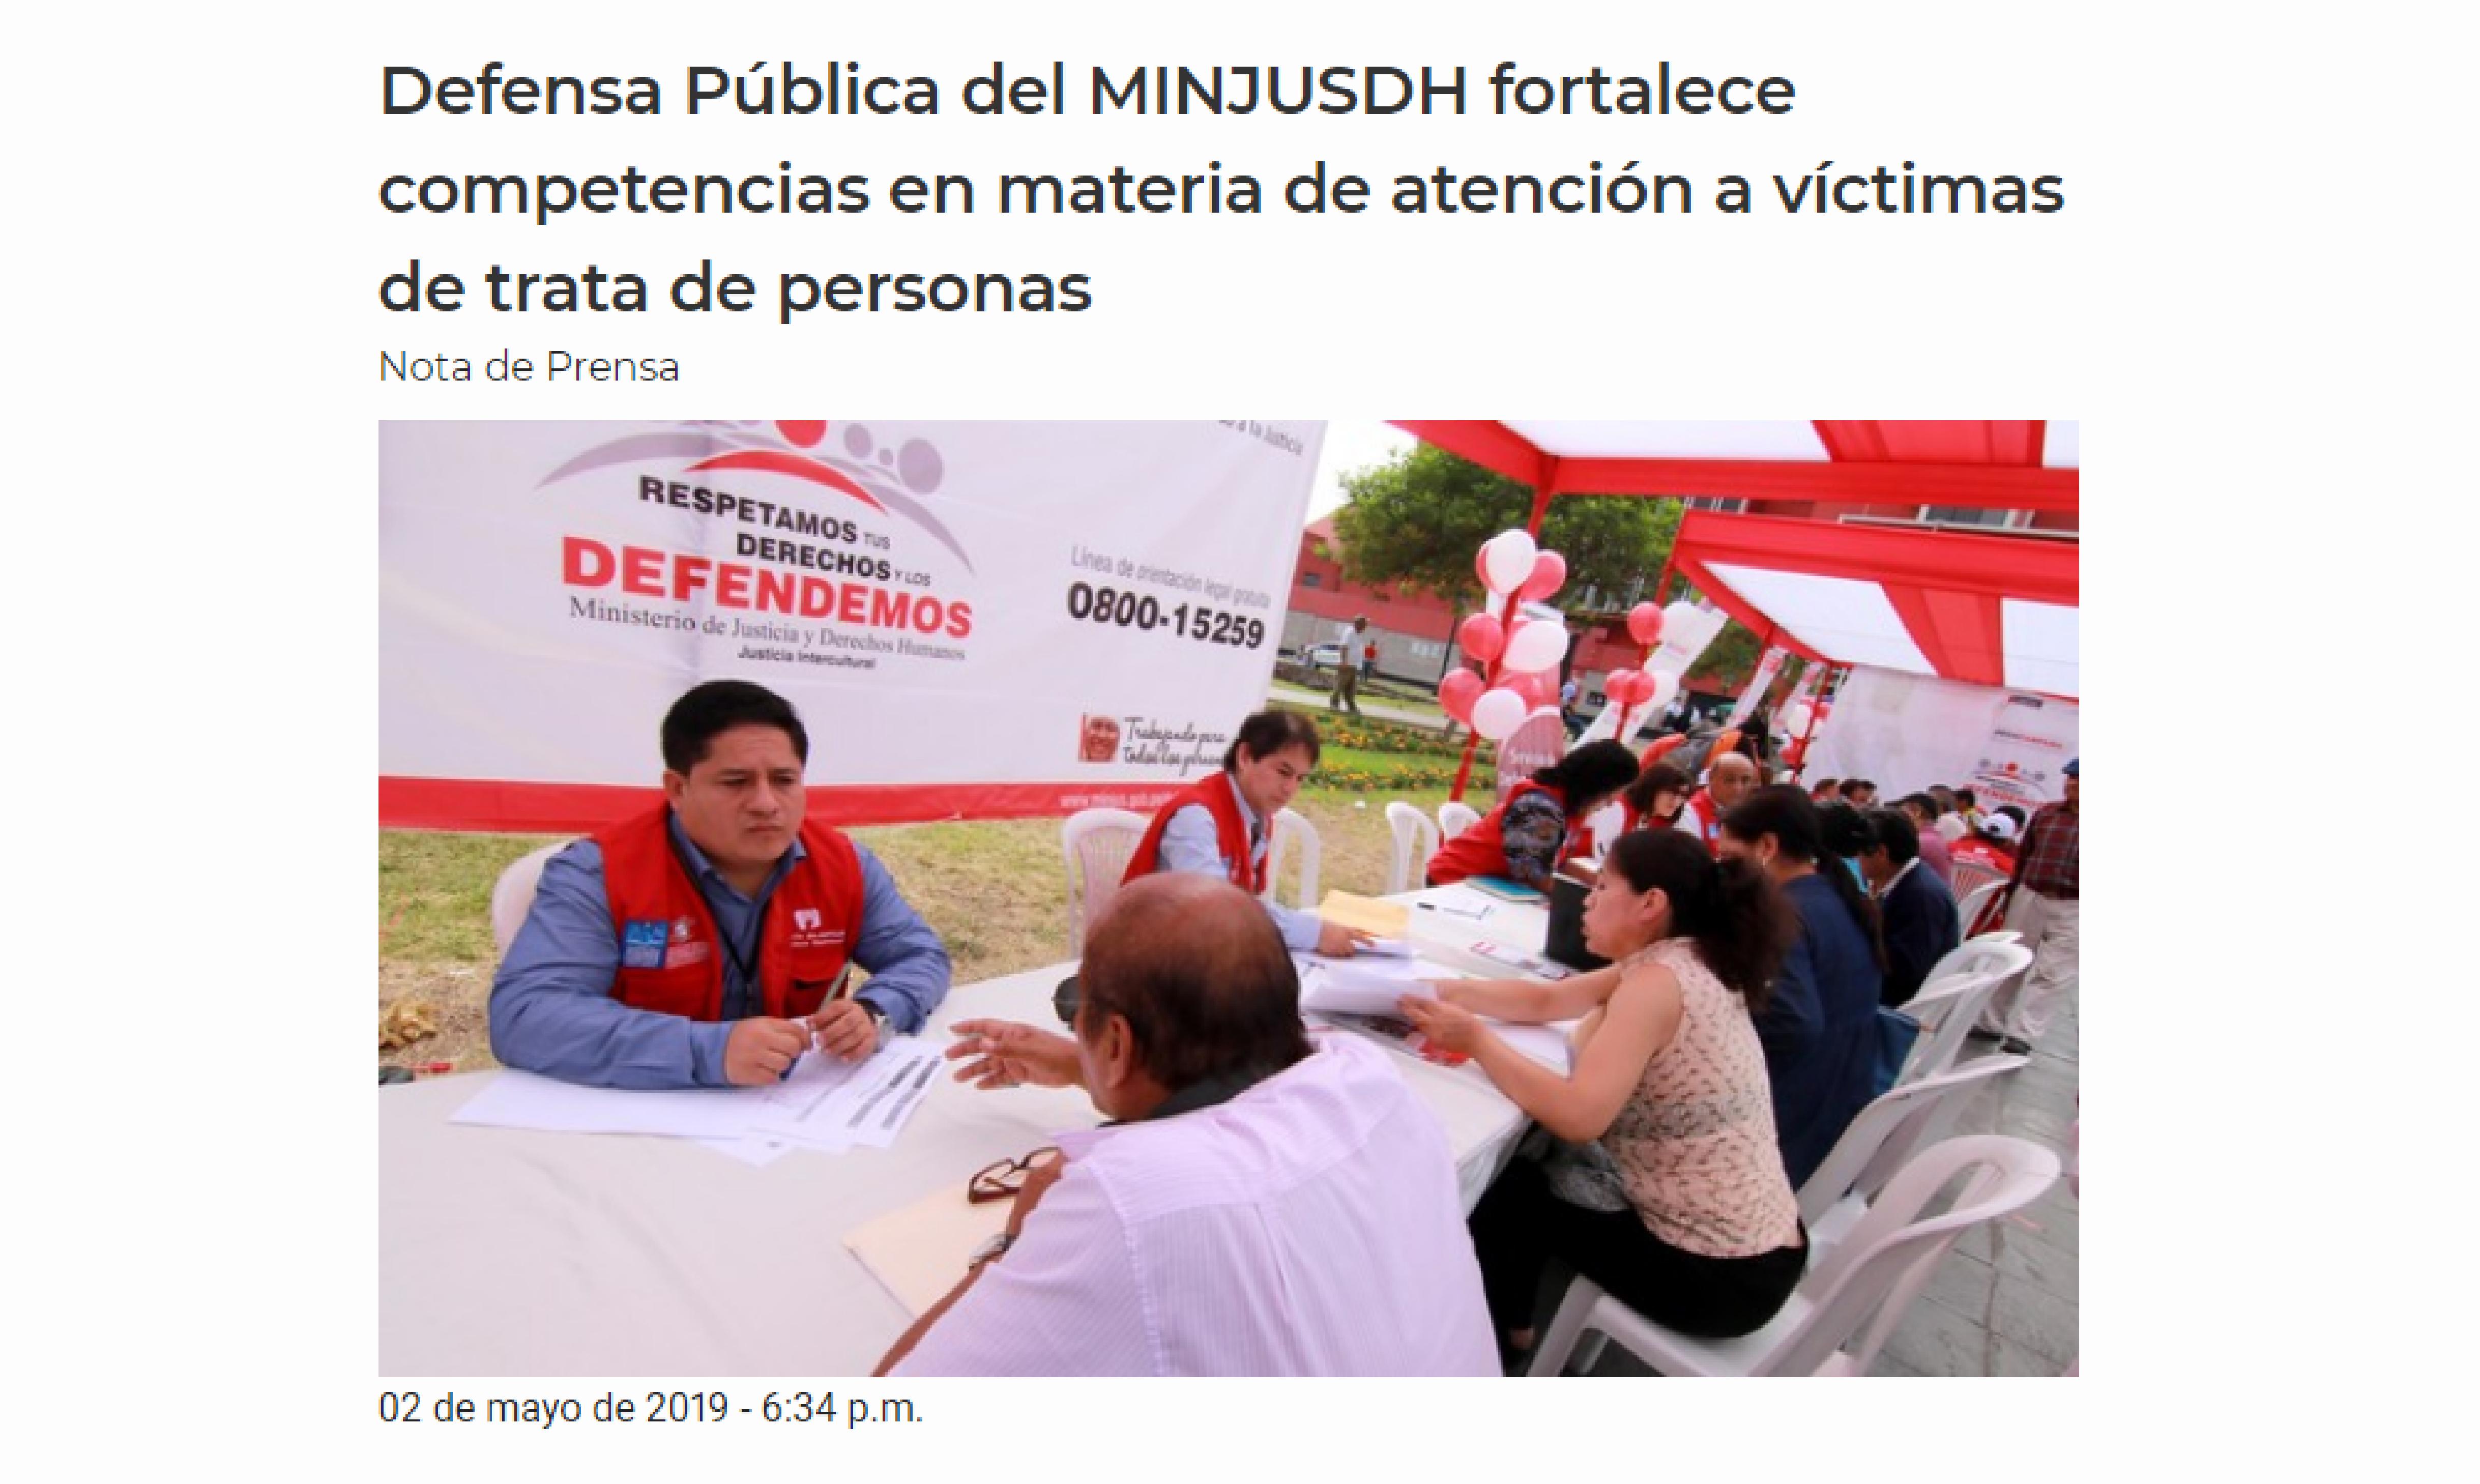 Defensa Pública del MINJUSDH fortalece competencias en materia de atención a víctimas de trata de personas